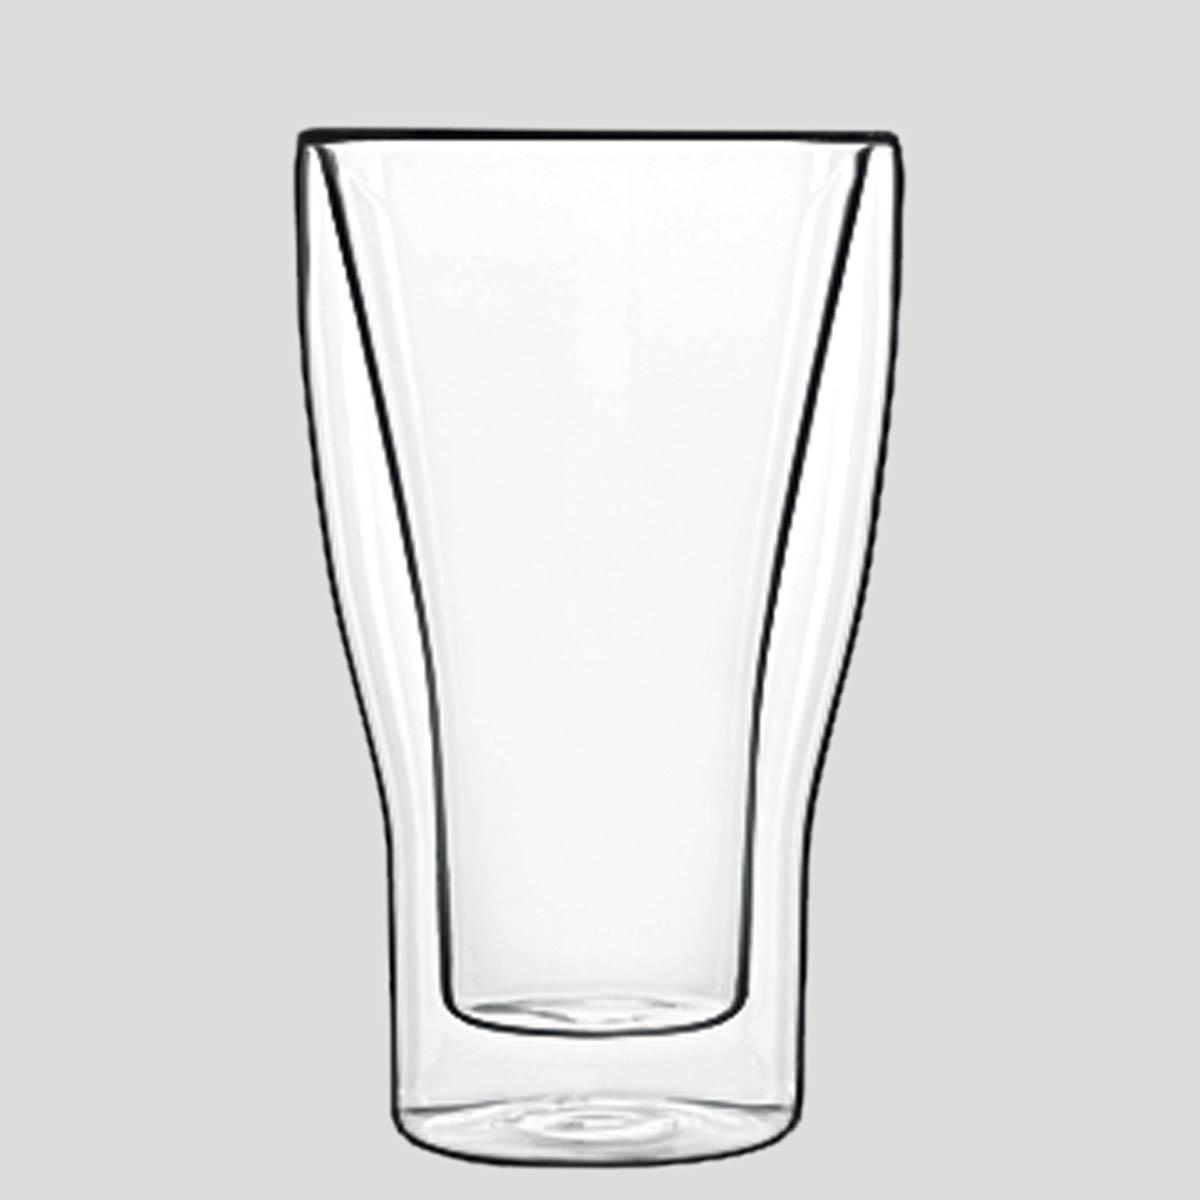 Bicchiere termico latte macchiato - bicchiere in vetro termico - Gardagel